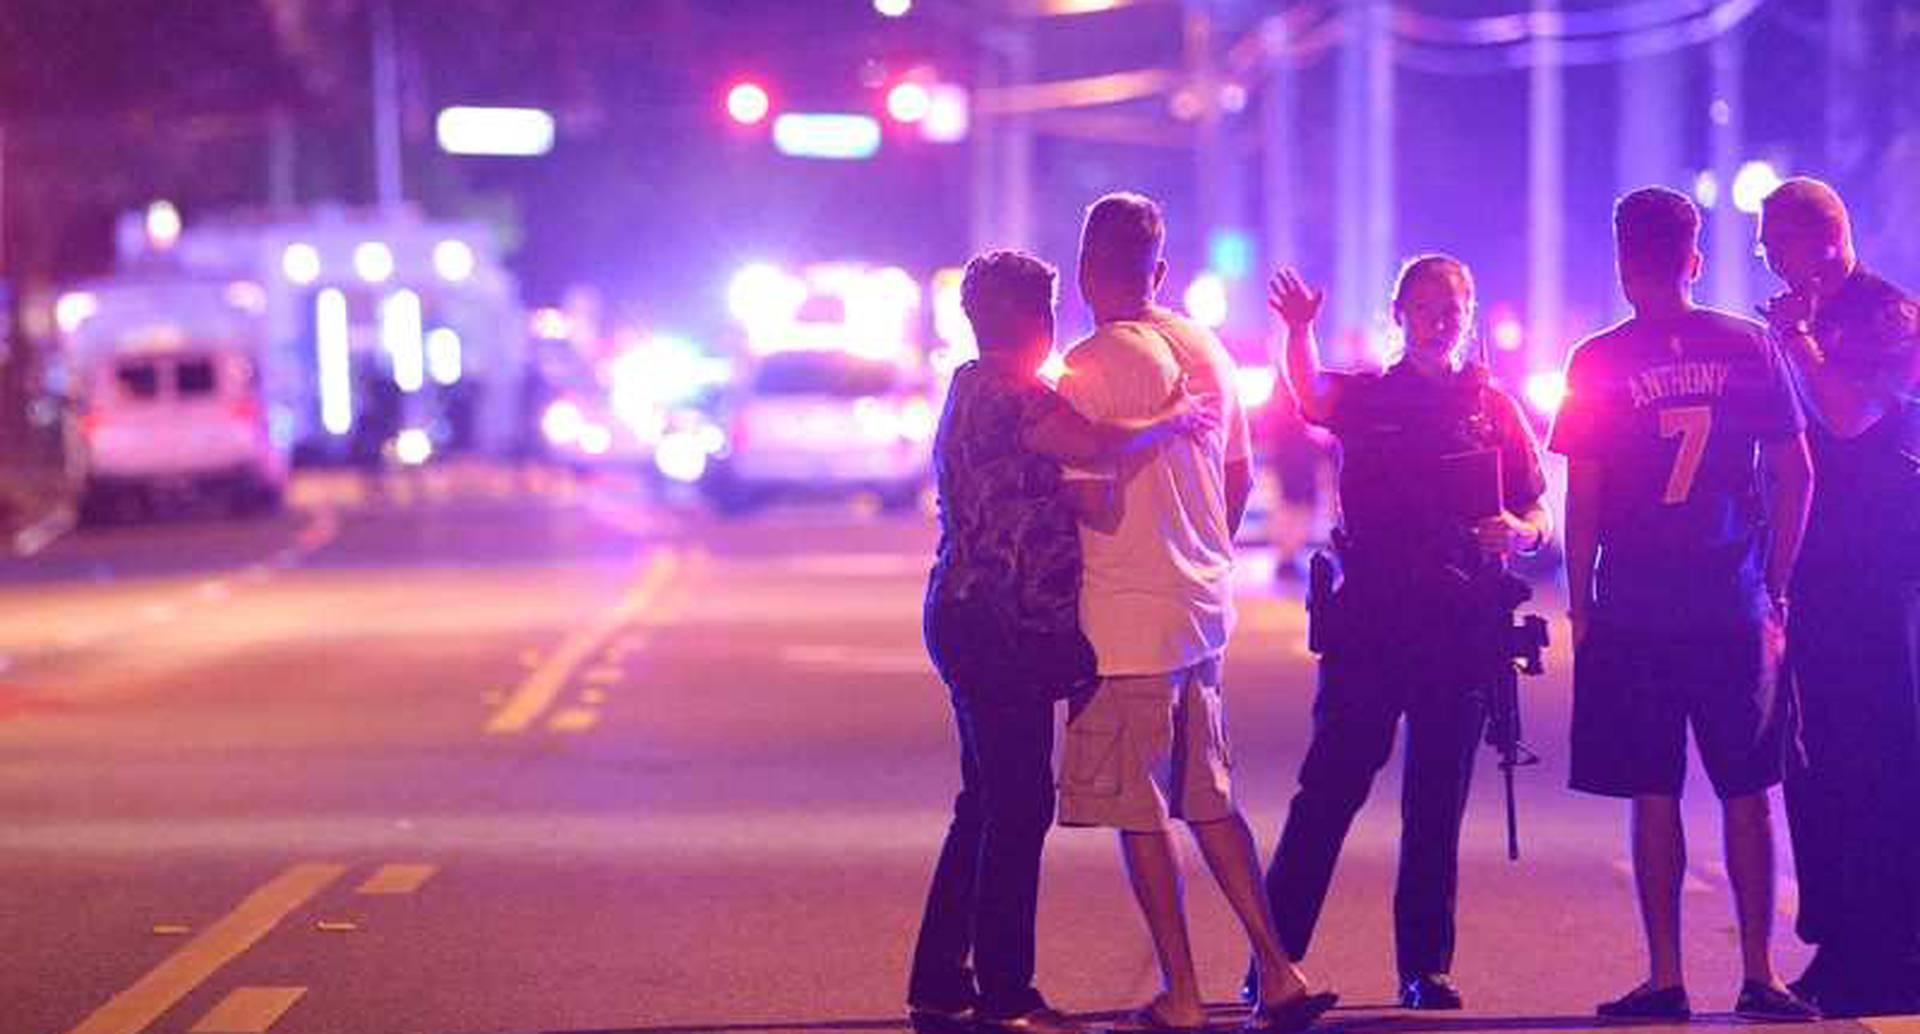 El tiroteo ocurrió en la discoteca Pulse, en Orlando, Florida. Es la peor masacre dentro de territorio estadounidense en la historia reciente, y el peor atentado desde el 11 de septiembre. Murieron 50 personas y otras 53 resultaron heridas, según los primeros reportes, la mayoría son de origen hispano. Foto: AP.